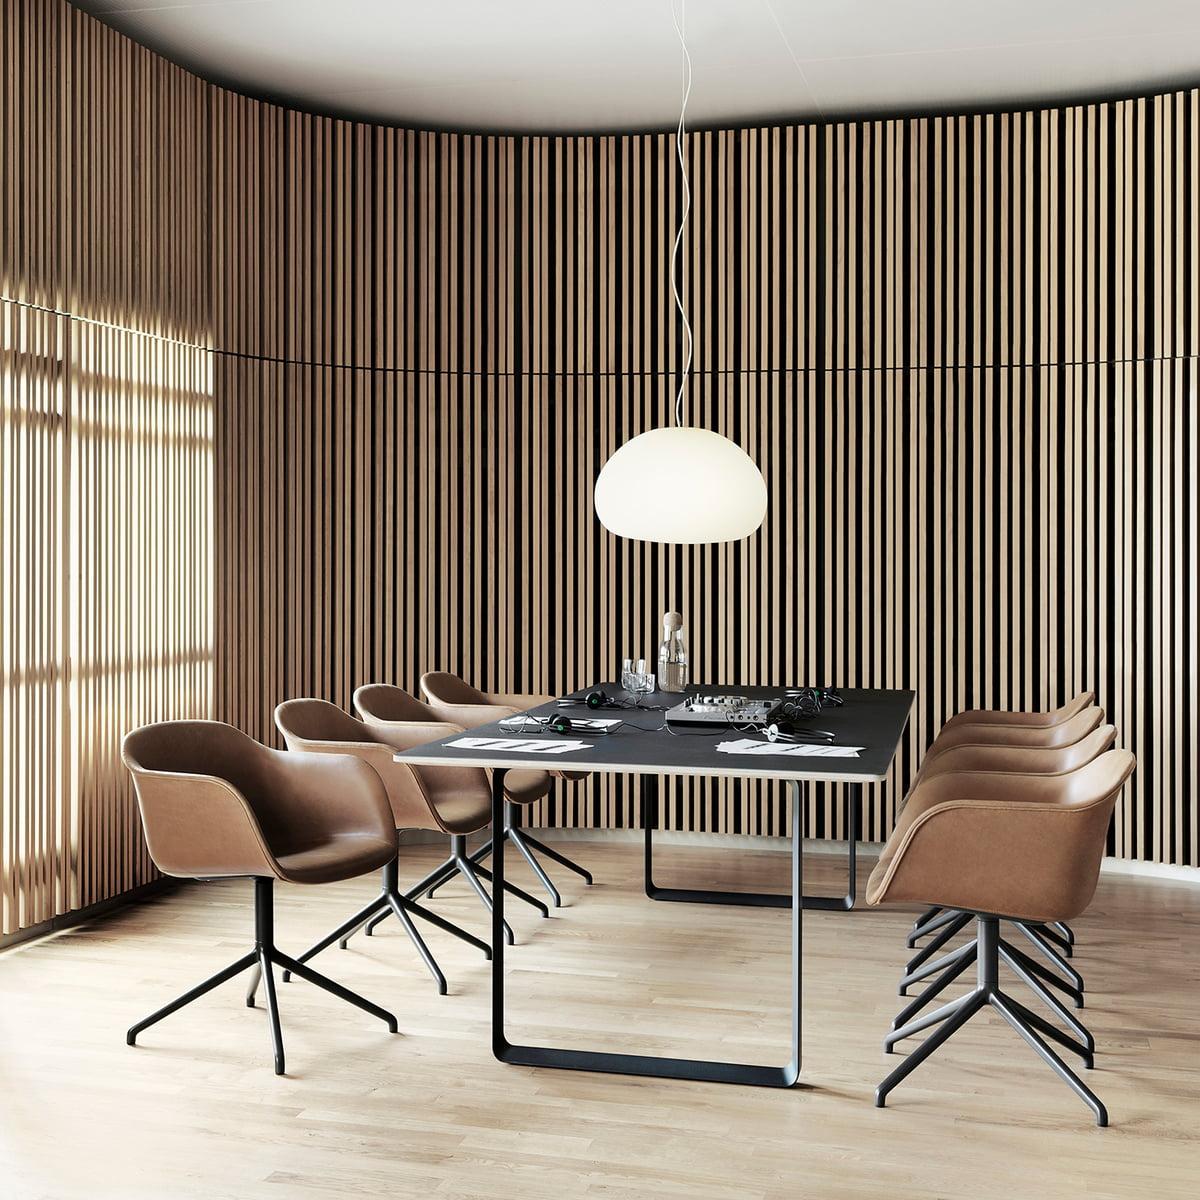 Esstisch designklassiker  70/70 Esstisch 225 x 90 cm von Muuto | Connox